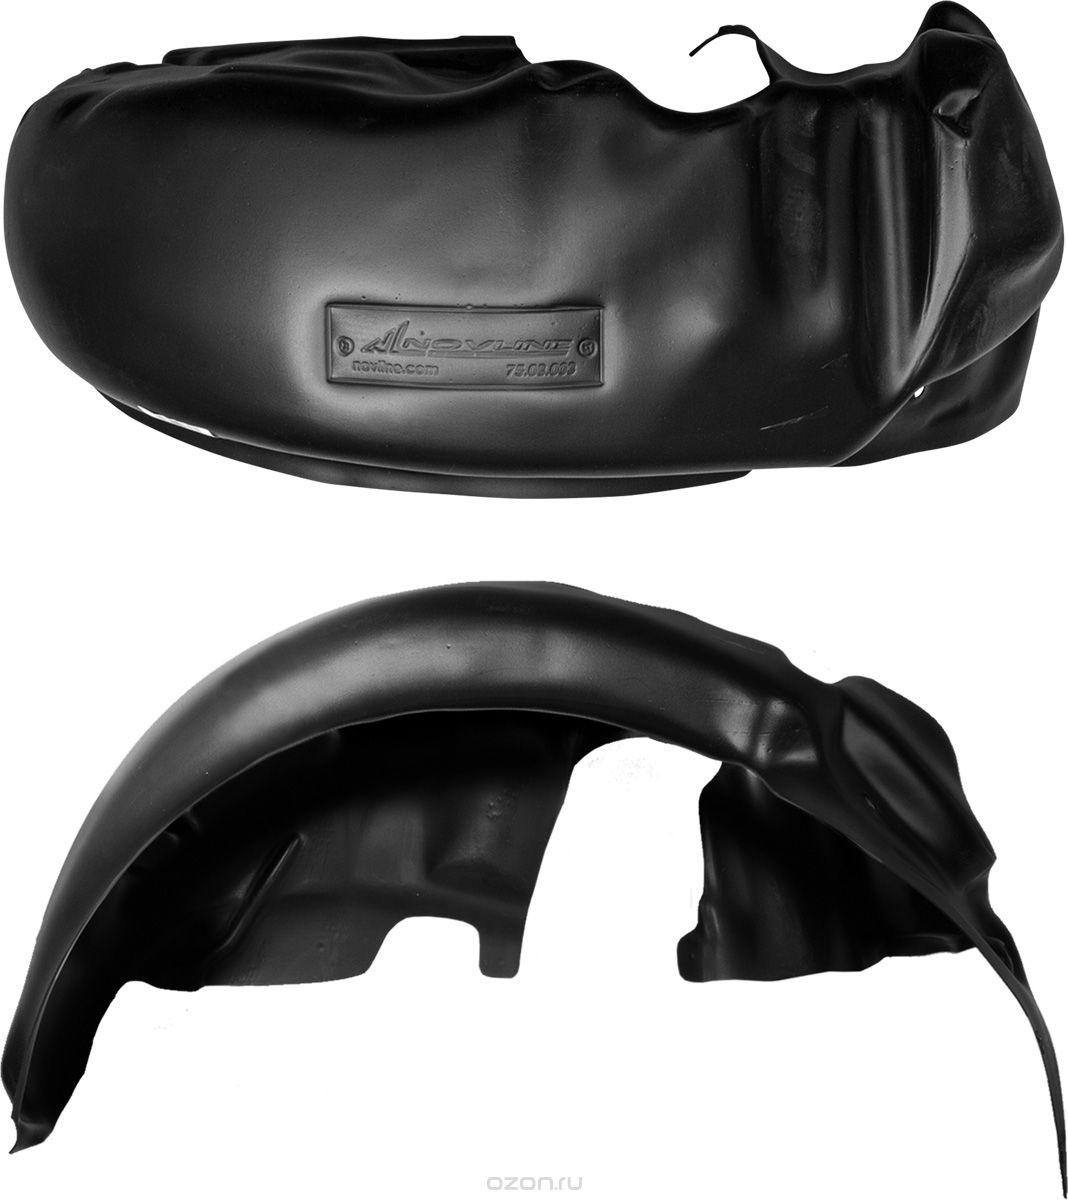 Подкрылок Novline-Autofamily, для RENAULT Koleos, 2015->, кросс., задний левыйAW-486-1Идеальная защита колесной ниши. Локеры разработаны с применением цифровых технологий, гарантируют максимальную повторяемость поверхности арки. Изделия устанавливаются без нарушения лакокрасочного покрытия автомобиля, каждый подкрылок комплектуется крепежом. Уважаемые клиенты, обращаем ваше внимание, что фотографии на подкрылки универсальные и не отражают реальную форму изделия. При этом само изделие идет точно под размер указанного автомобиля.